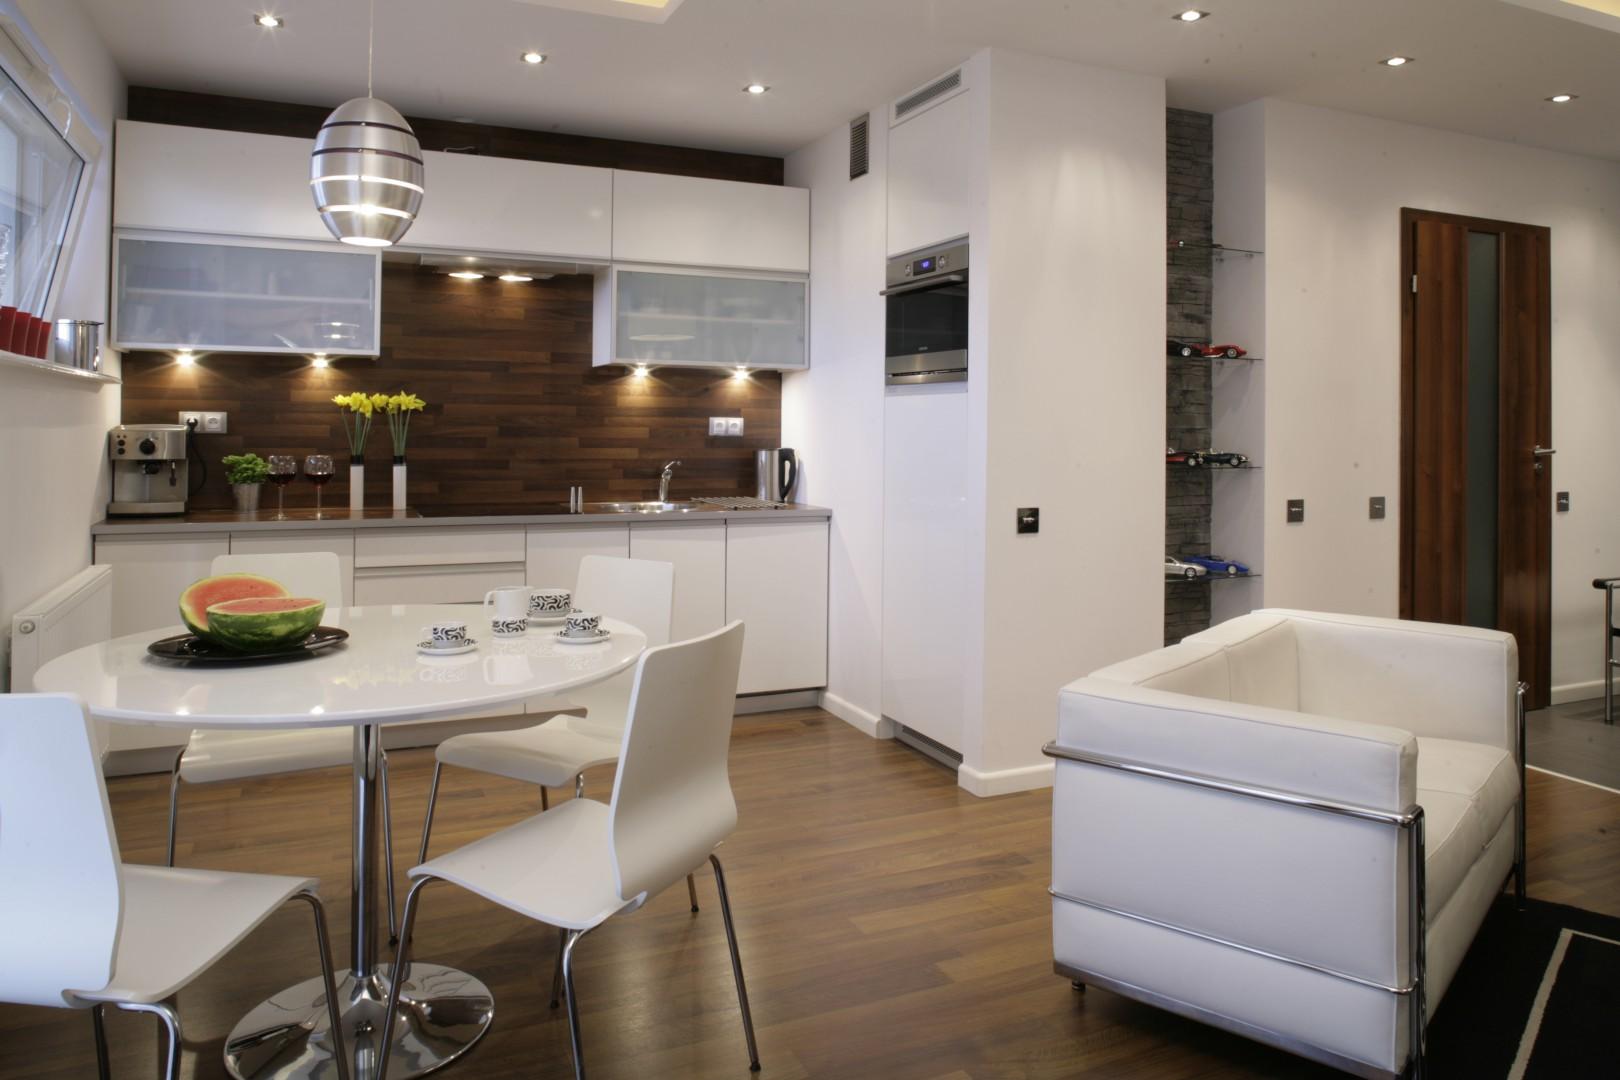 Urządzamy Kuchnia Z Salonem 15 Pomysłowych Aranżacji